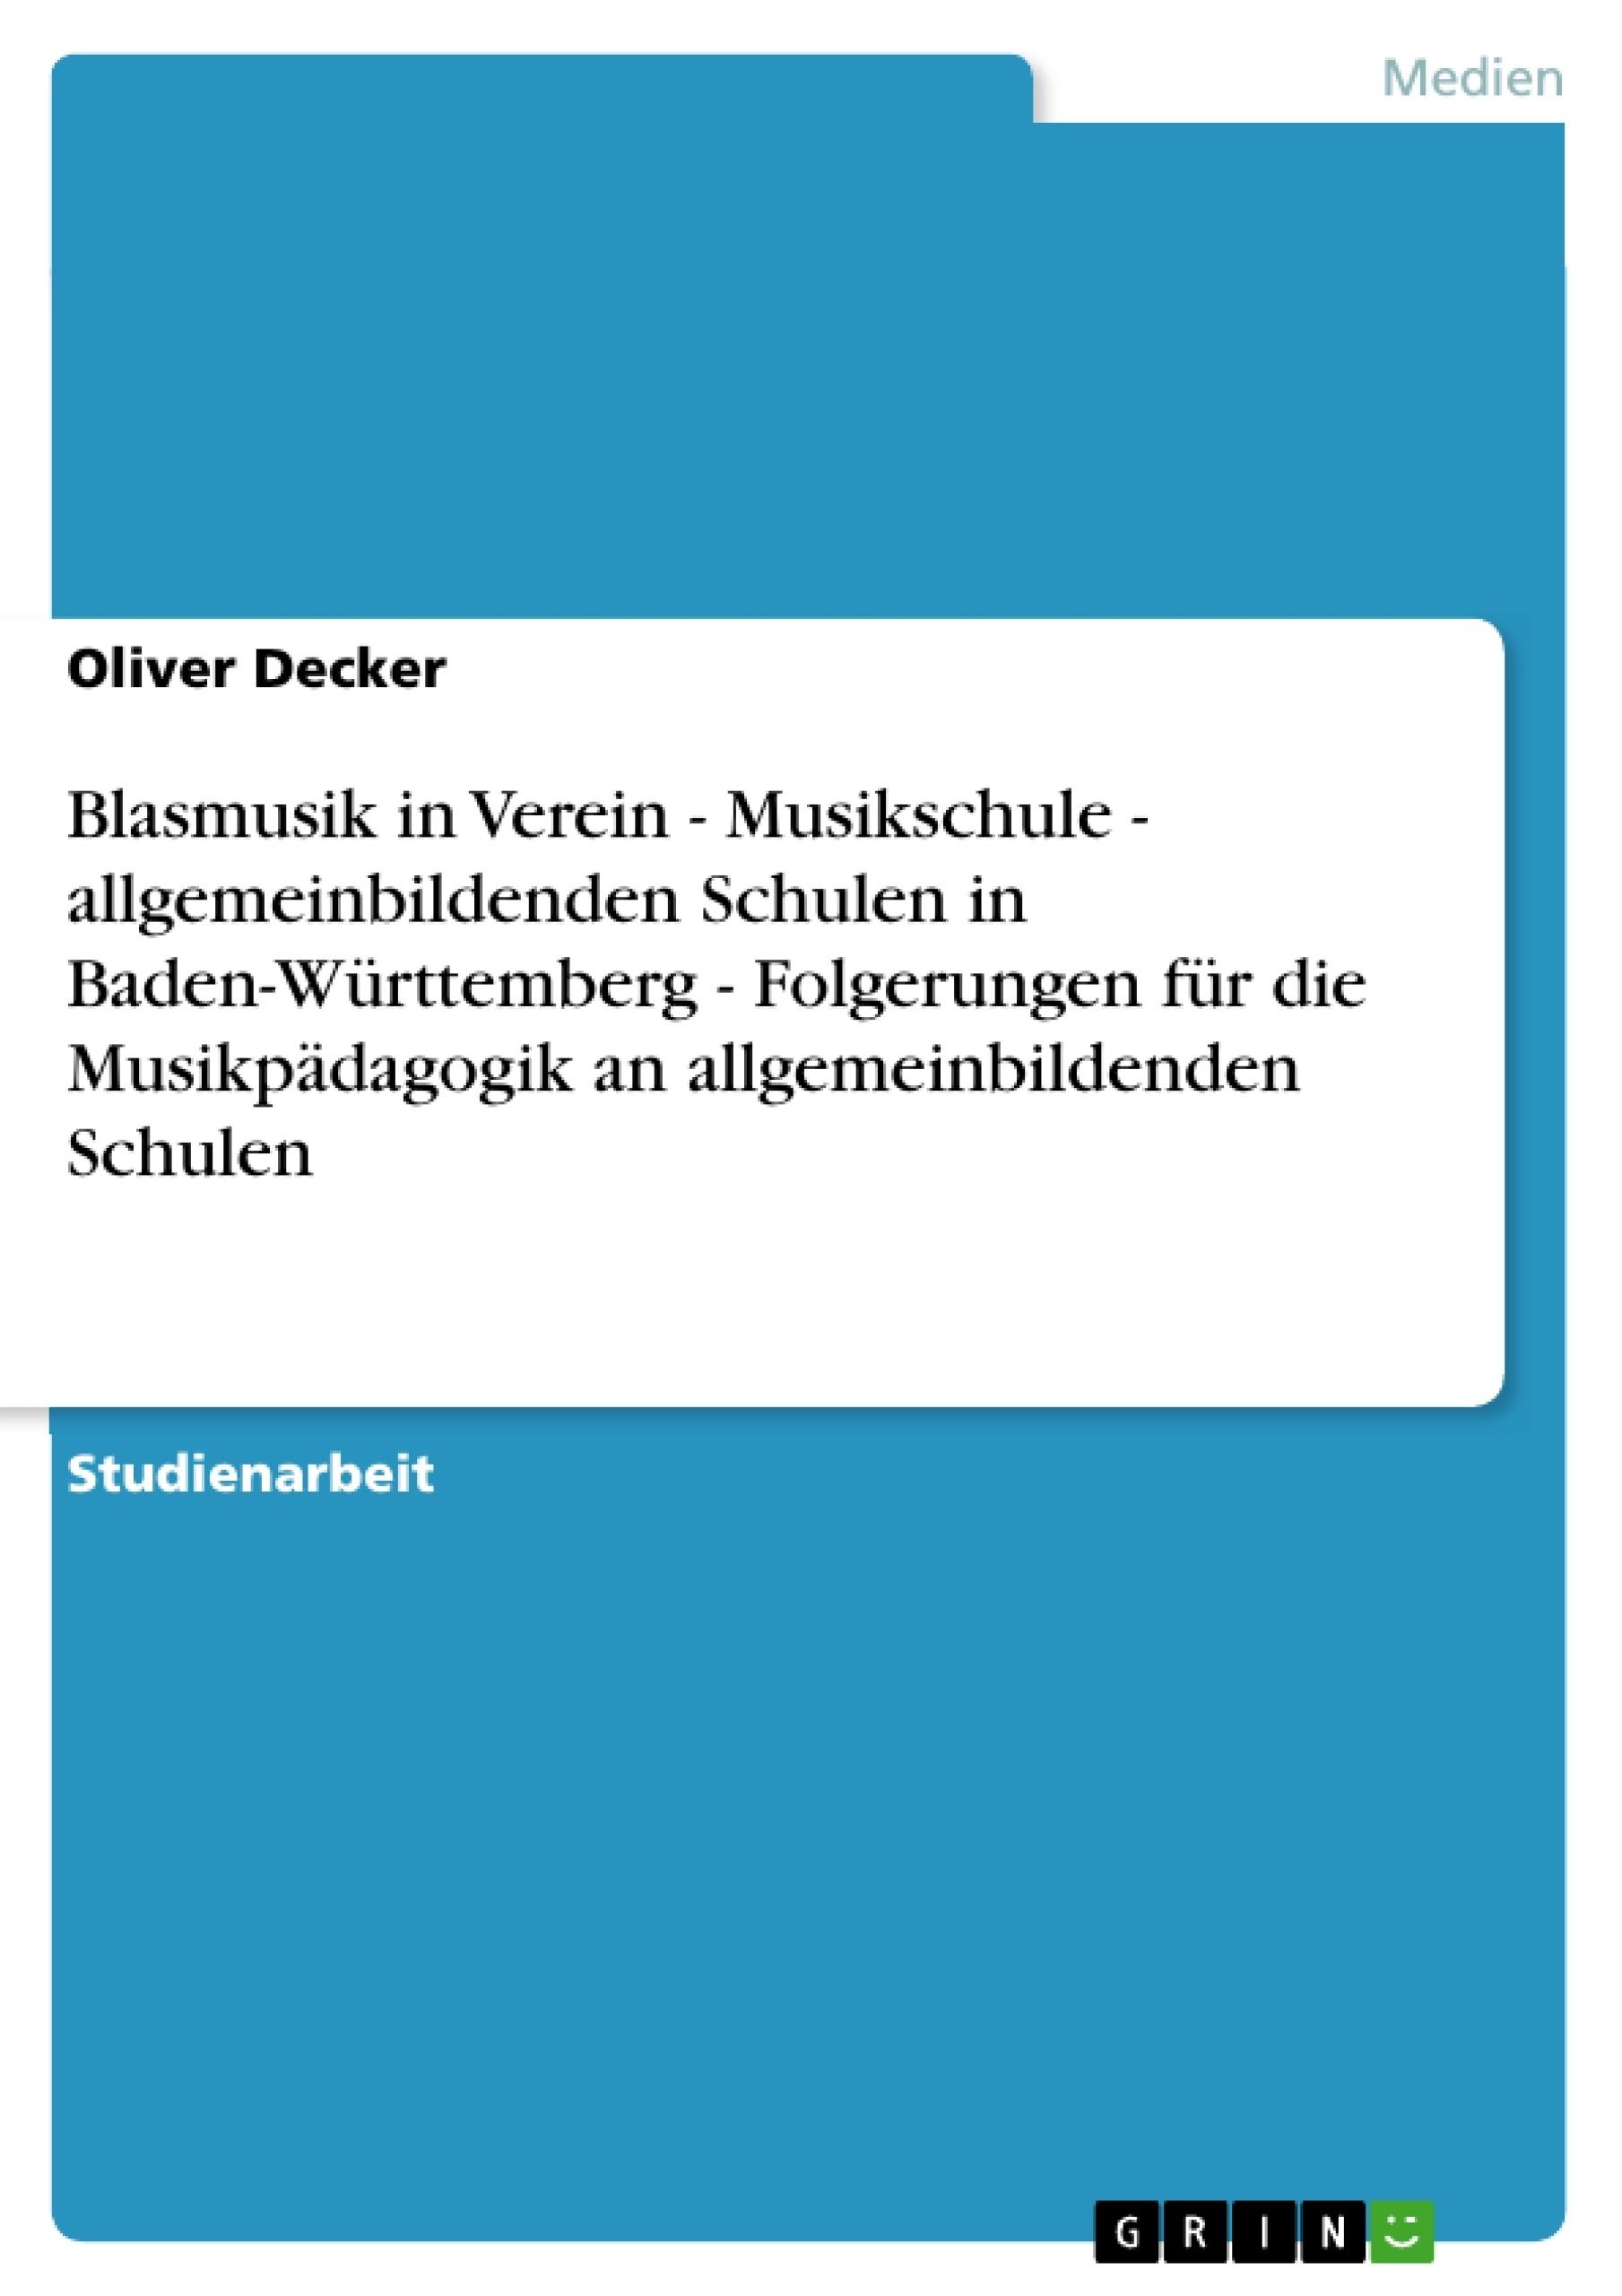 Titel: Blasmusik in Verein - Musikschule - allgemeinbildenden Schulen in Baden-Württemberg - Folgerungen für die Musikpädagogik an allgemeinbildenden Schulen